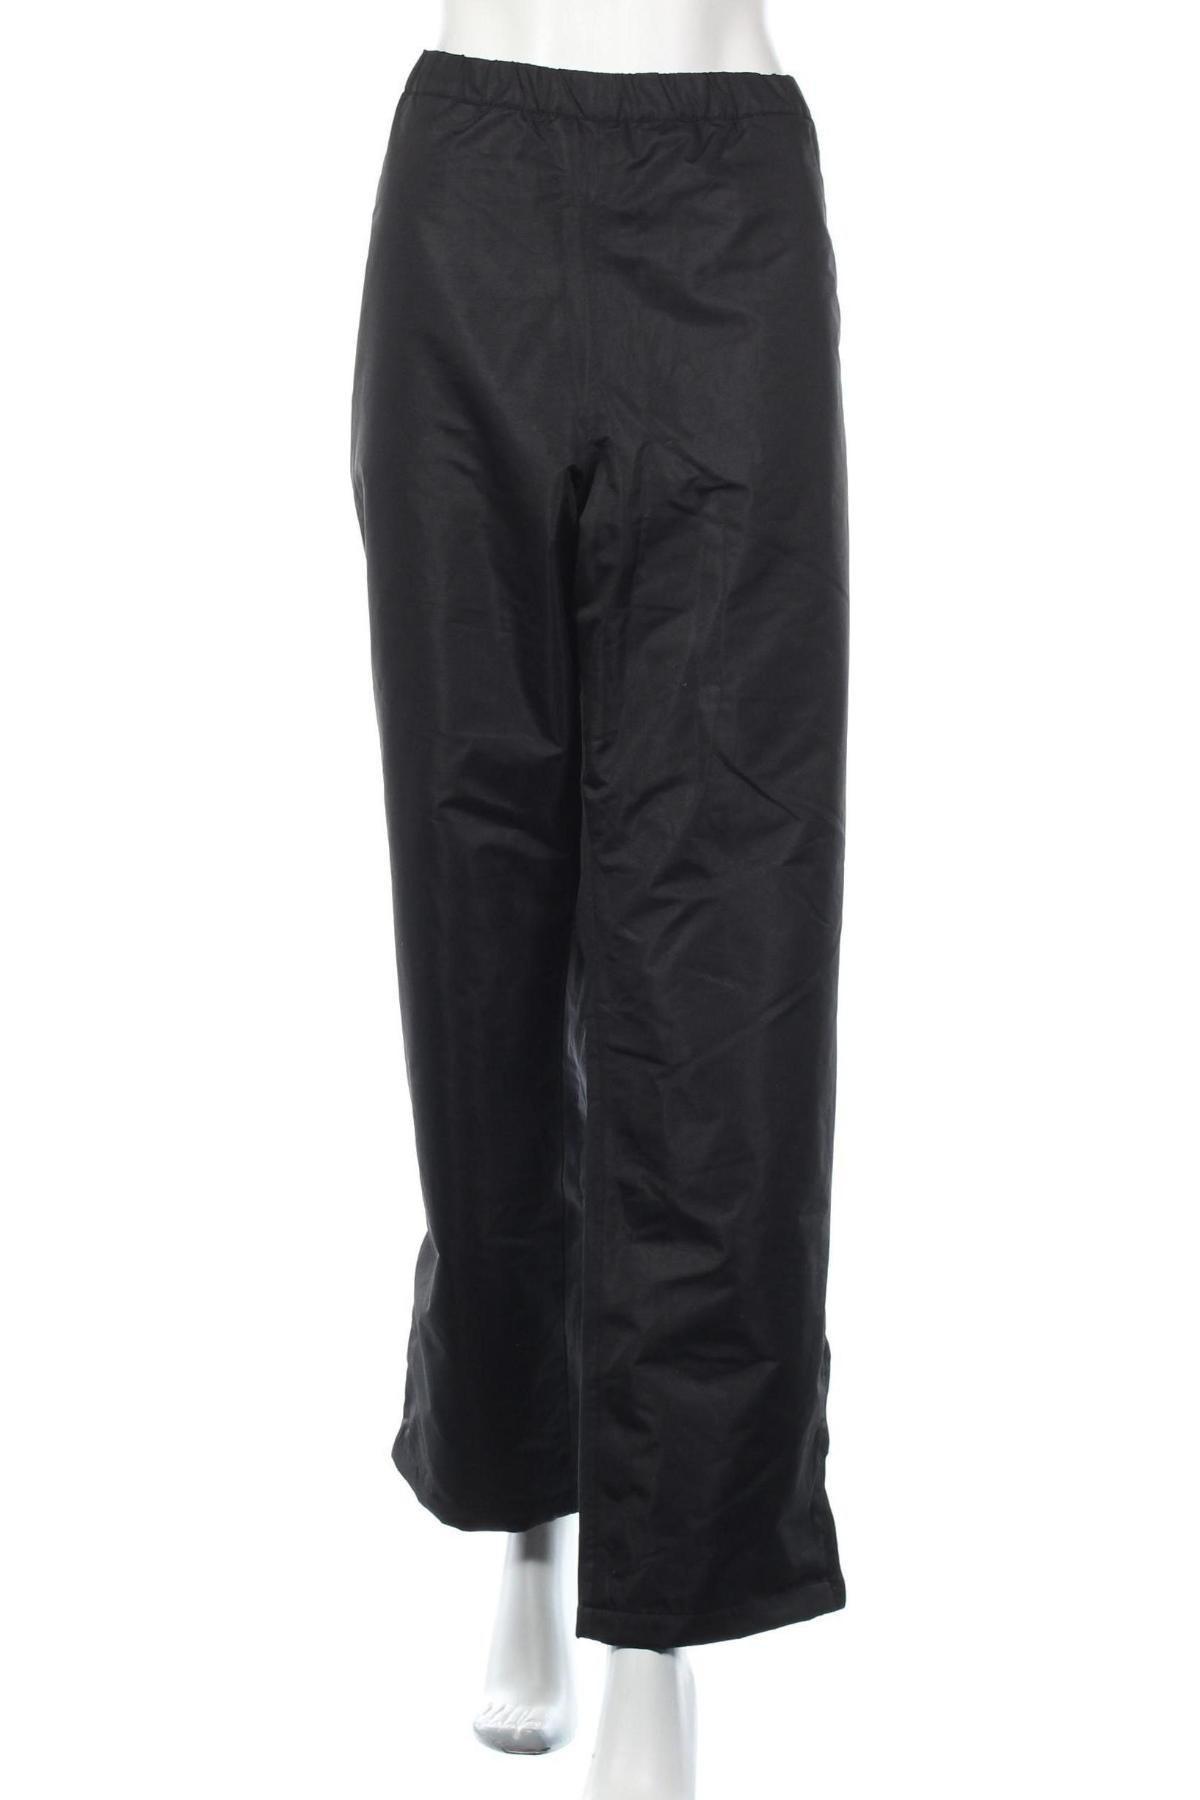 Дамски спортен панталон Bpc Bonprix Collection, Размер XXL, Цвят Черен, 100% полиестер, Цена 11,80лв.